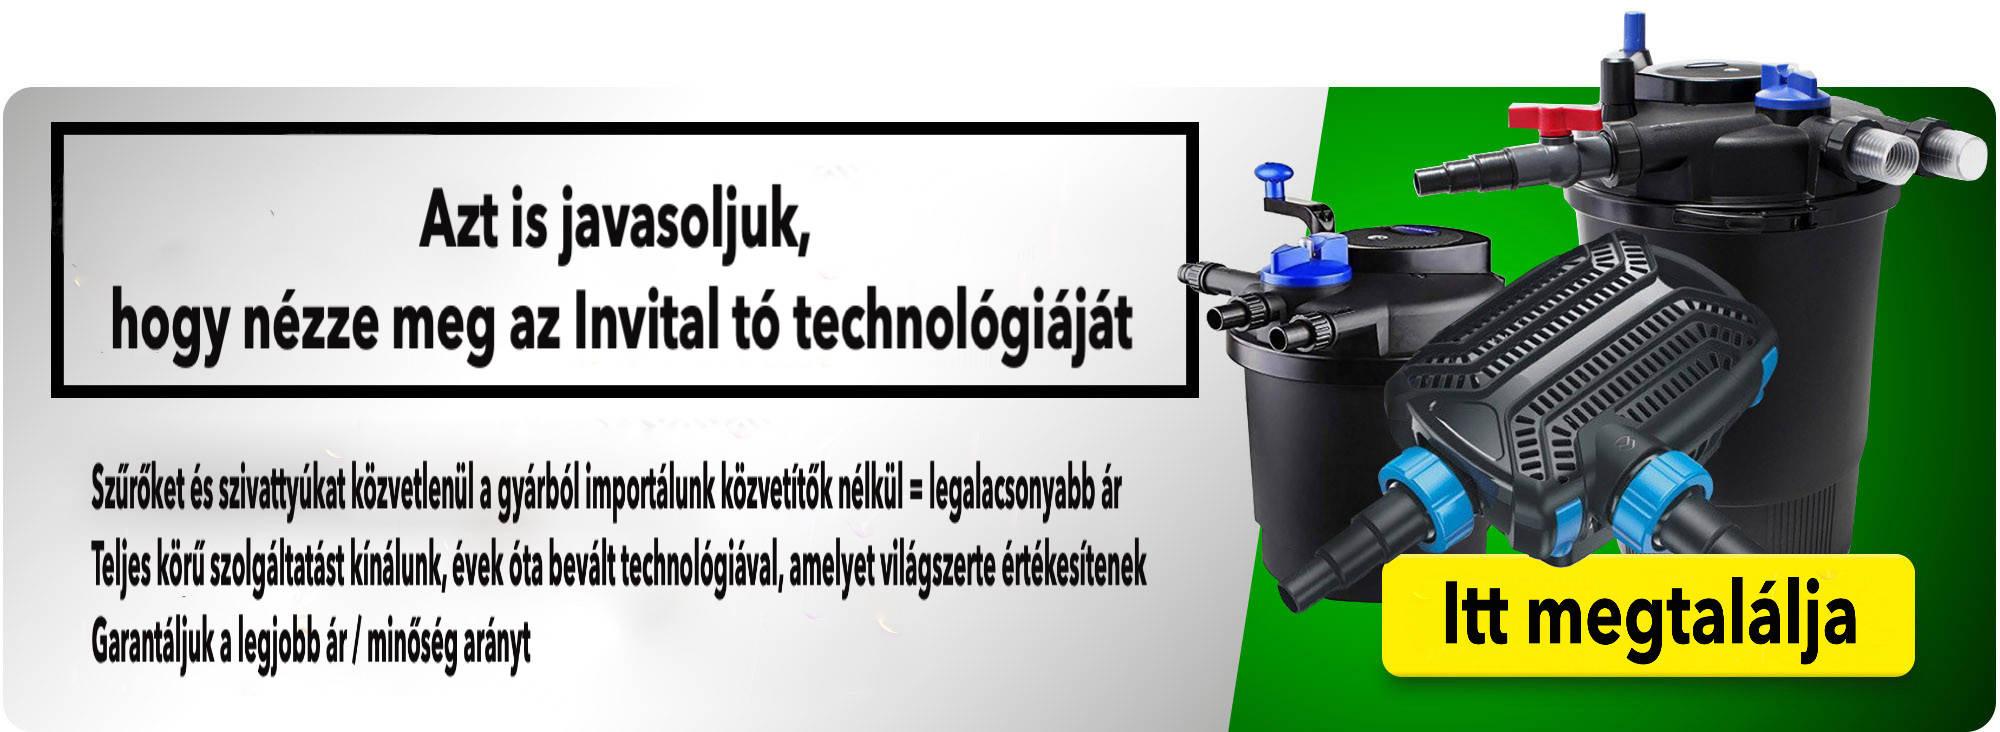 https://www.invitalpet.hu/upload_hu/48077-0804564308_2x.jpg